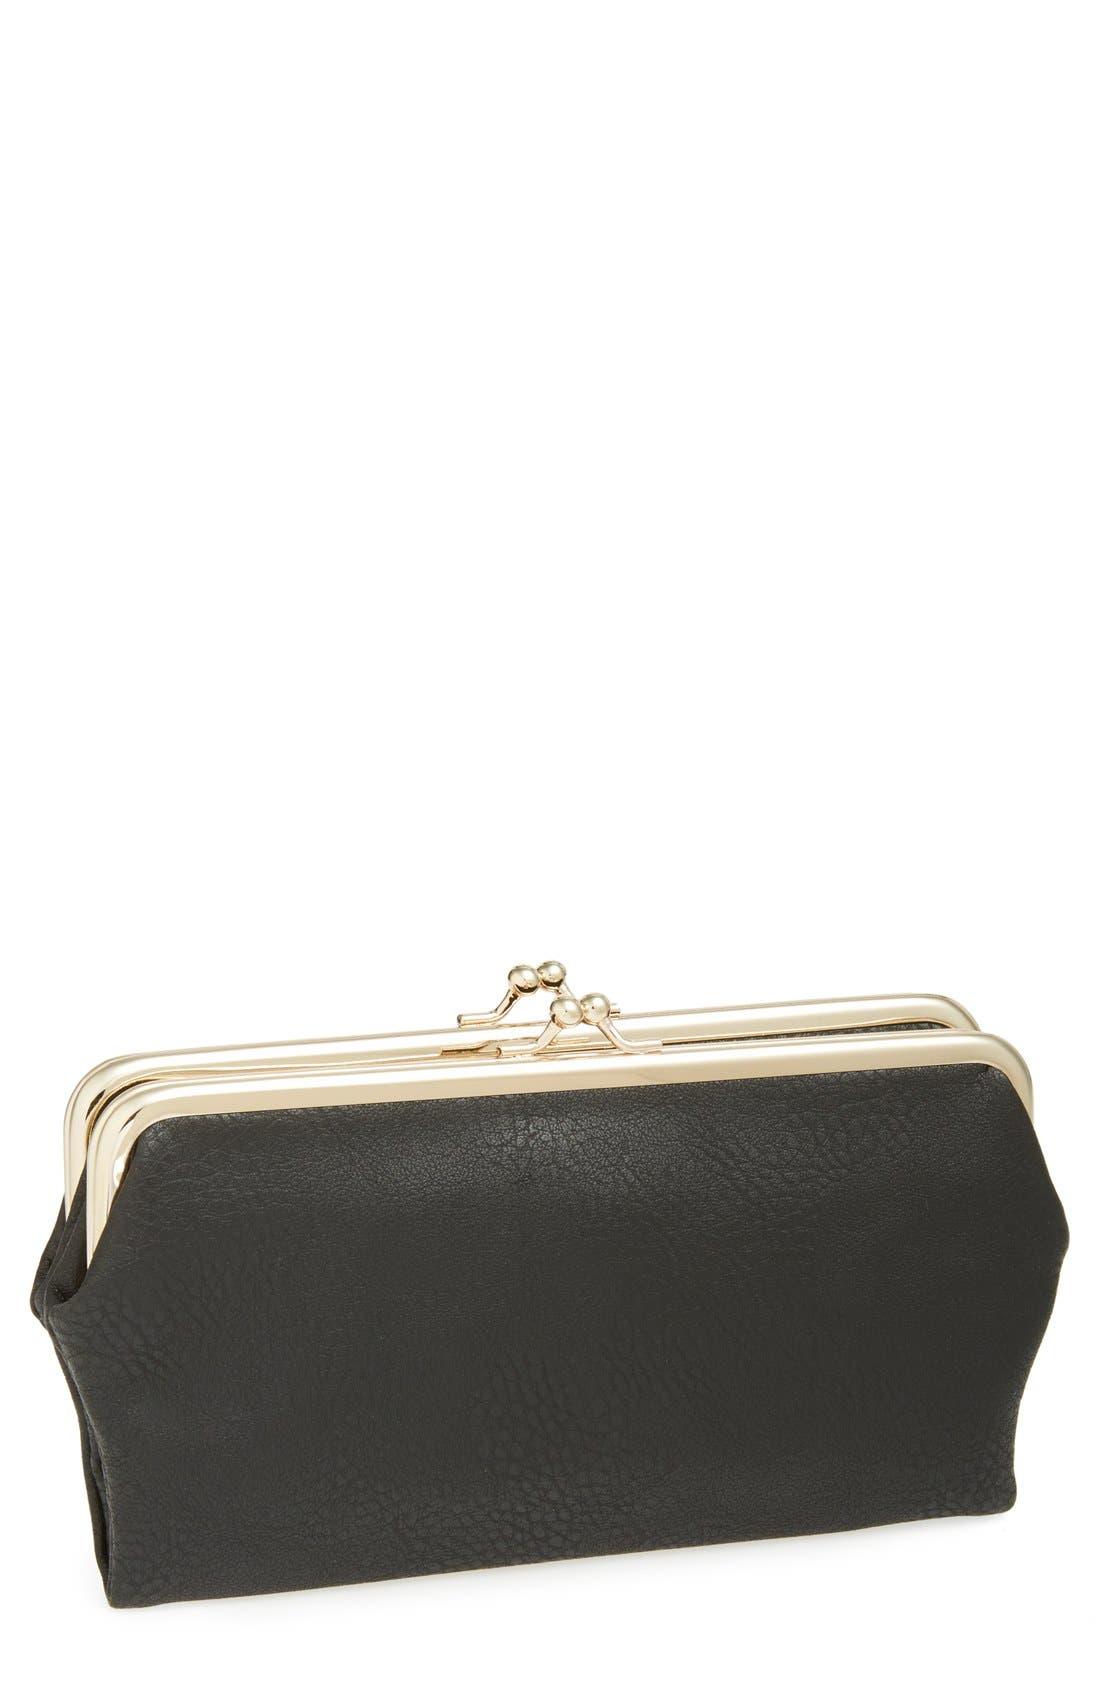 Main Image - BP 'Kisslock' Wallet